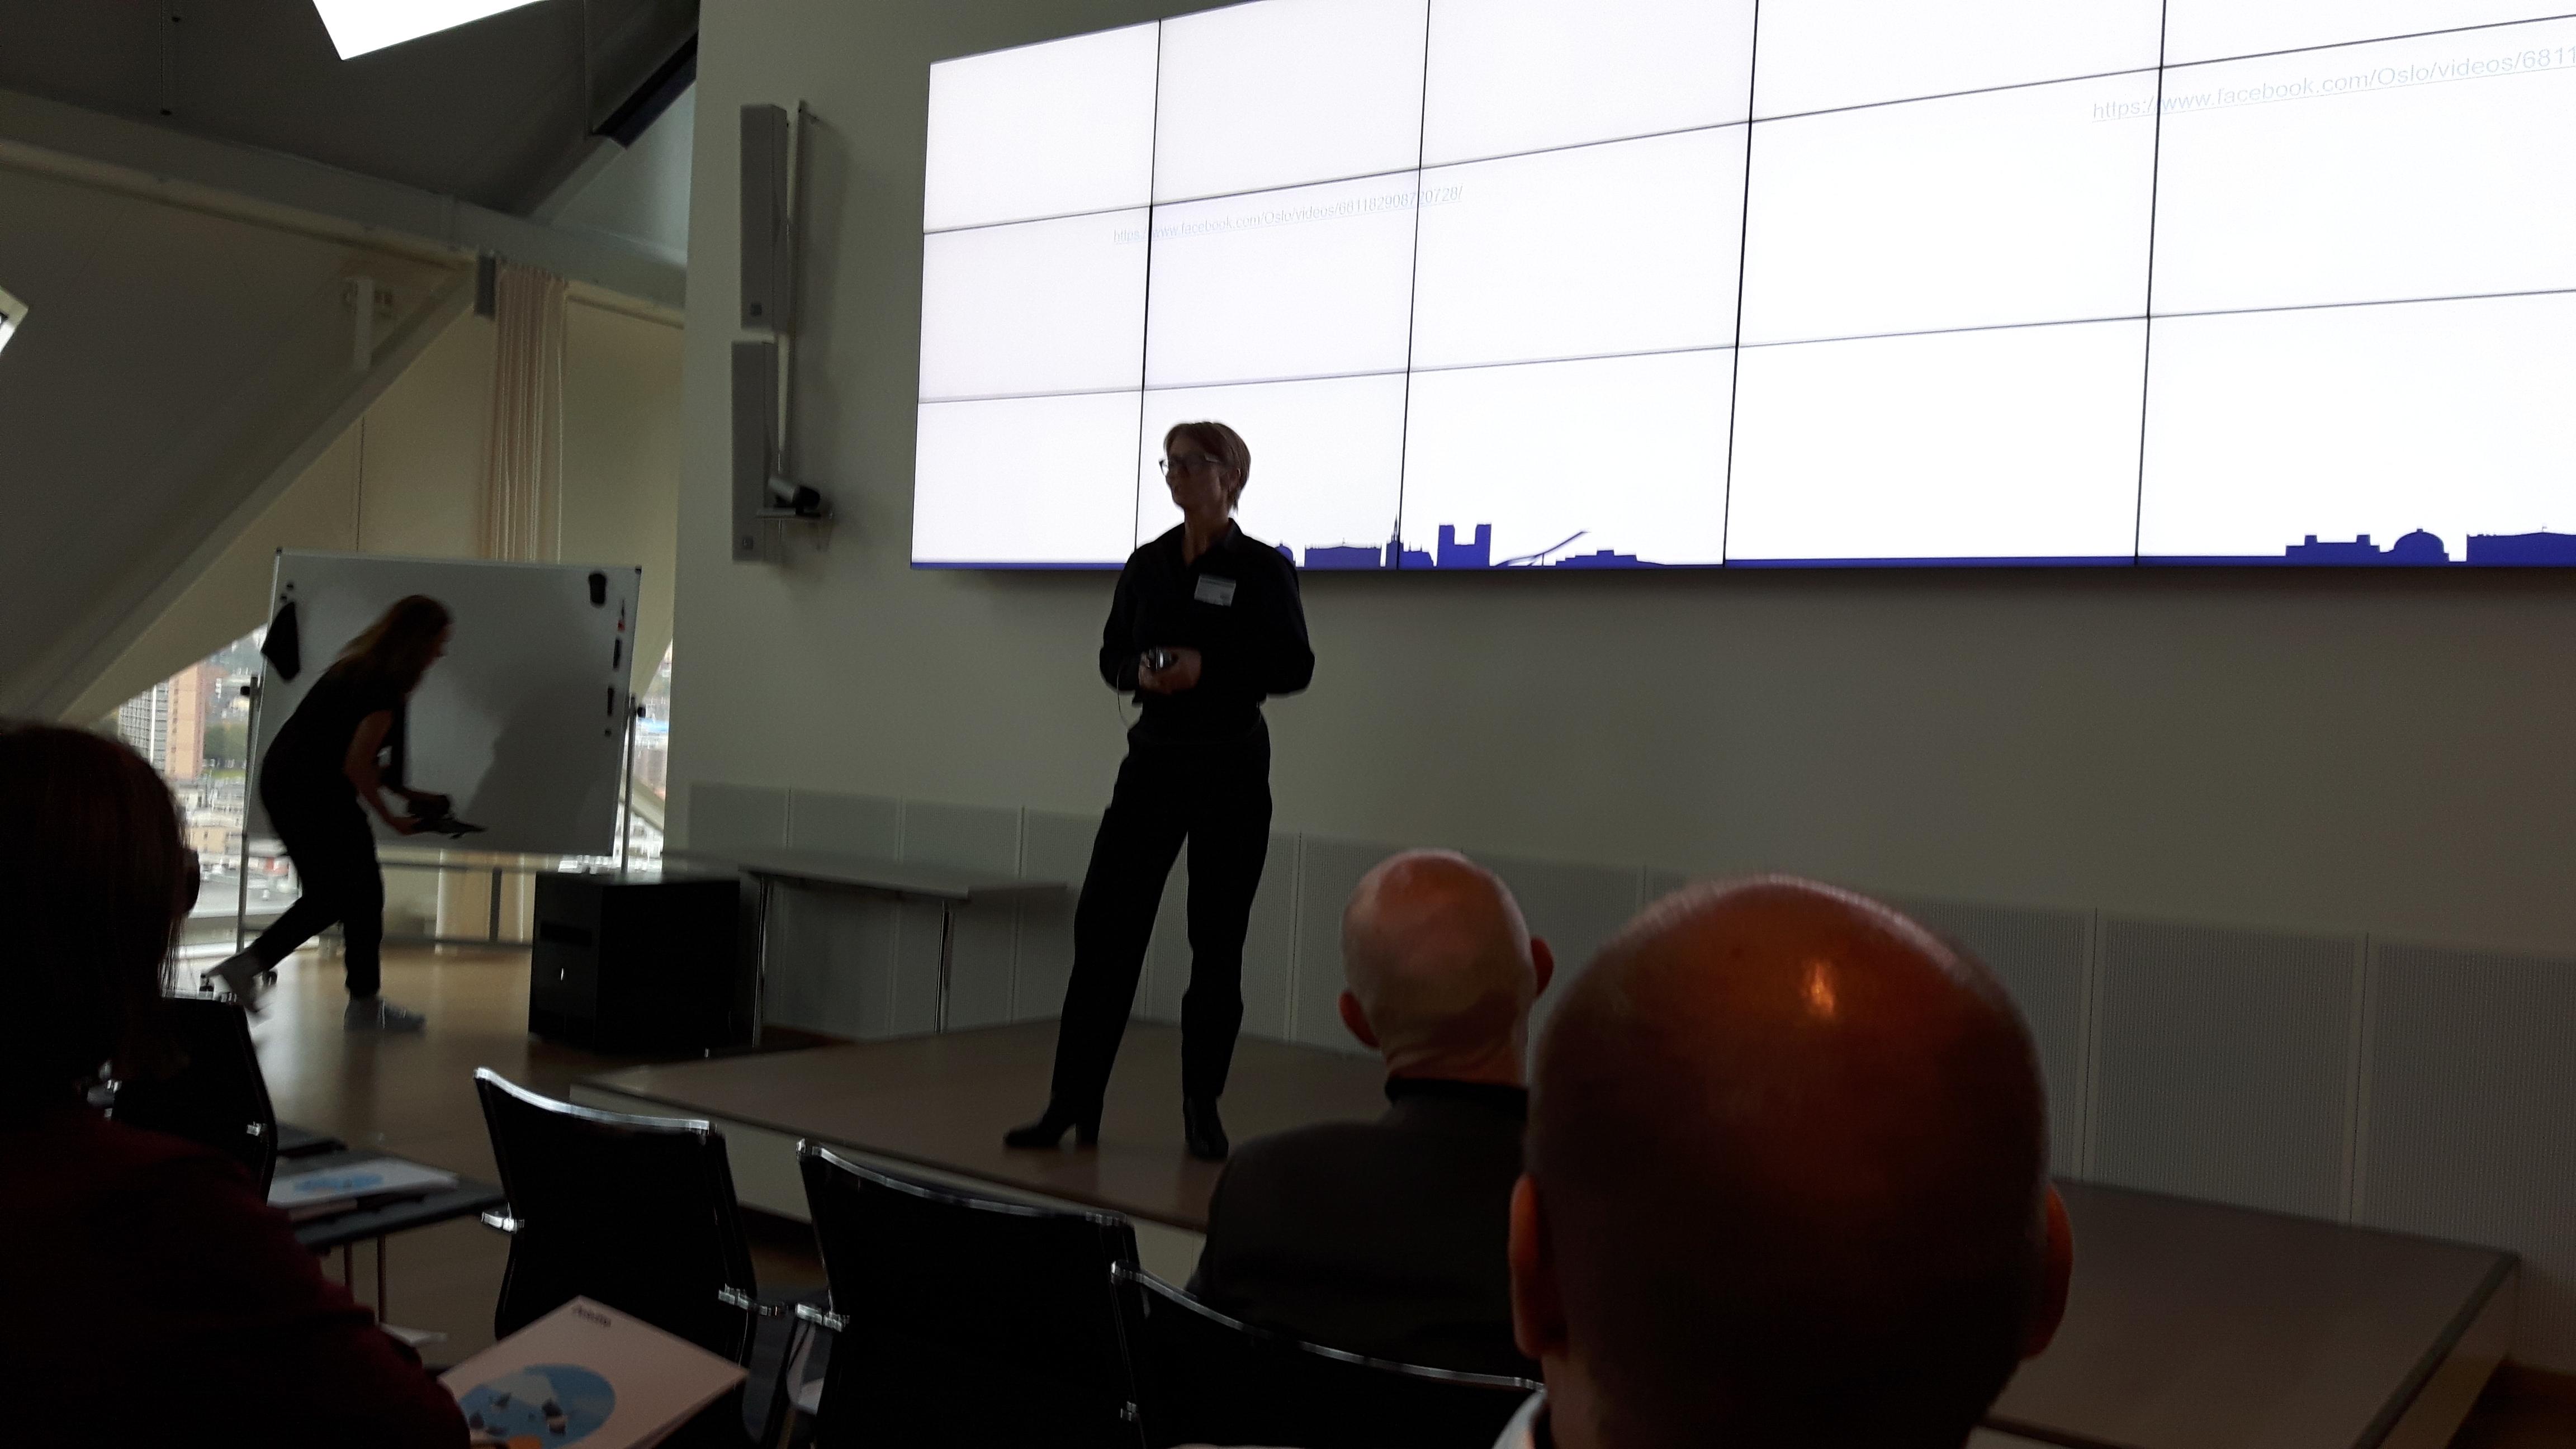 Bydelsdirektør for St. Hanshaugen om helseinnovasjon: – En annen måte å tenke og jobbe på